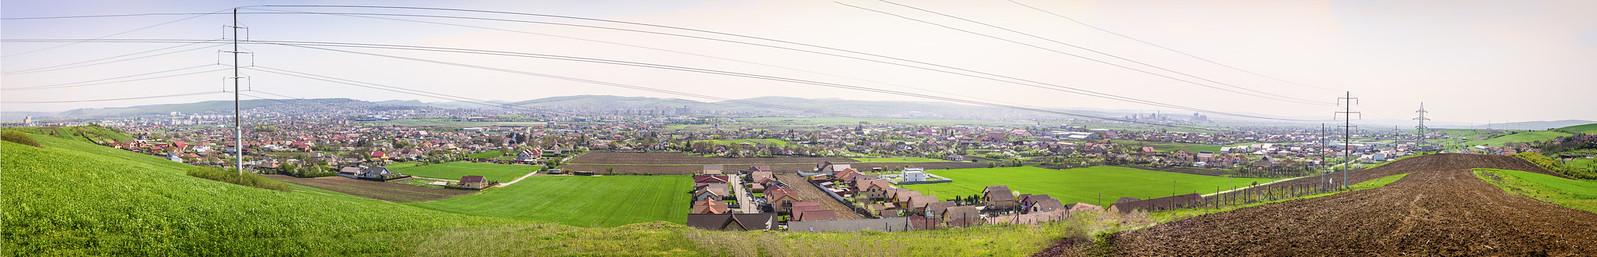 Szentkiraly Hills